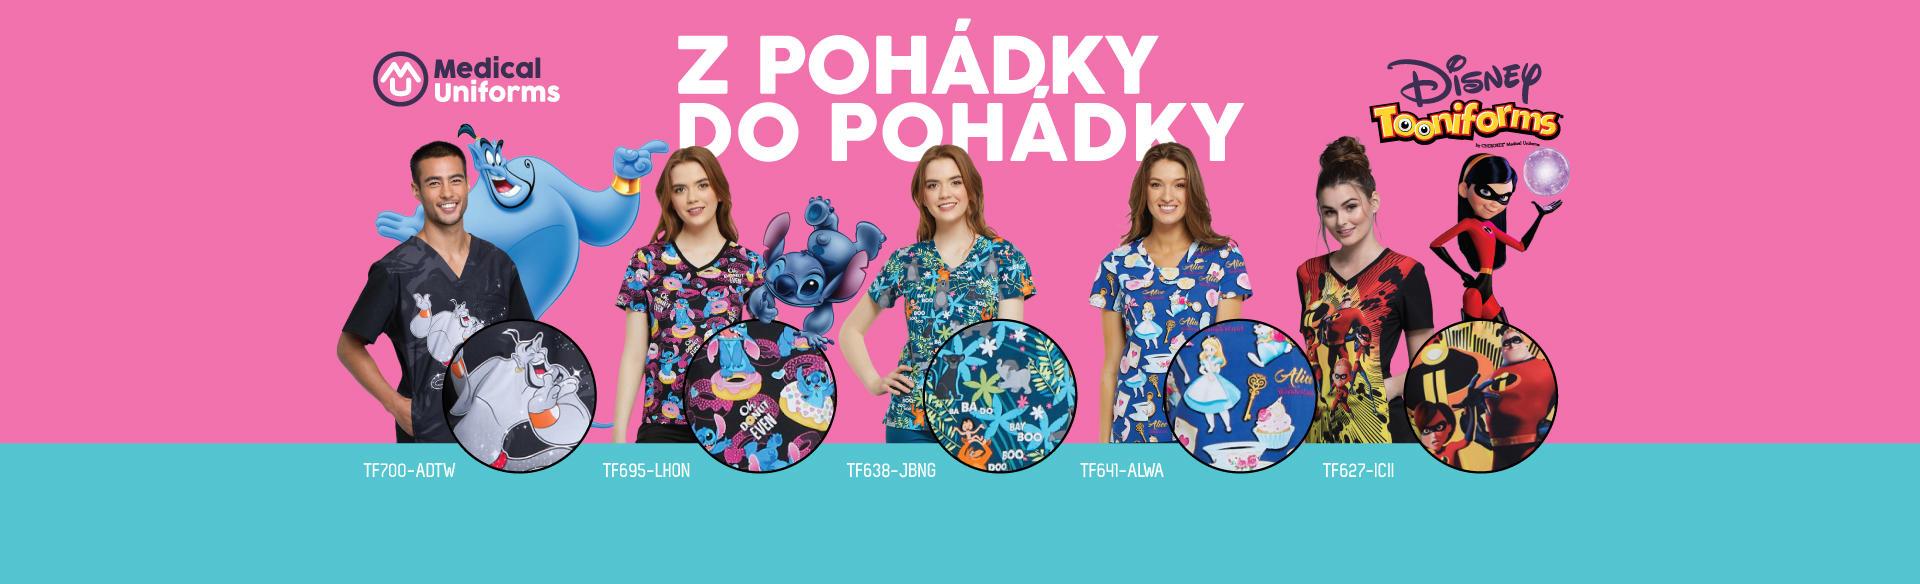 bannes_rozpravka_SK_1920x584.jpg